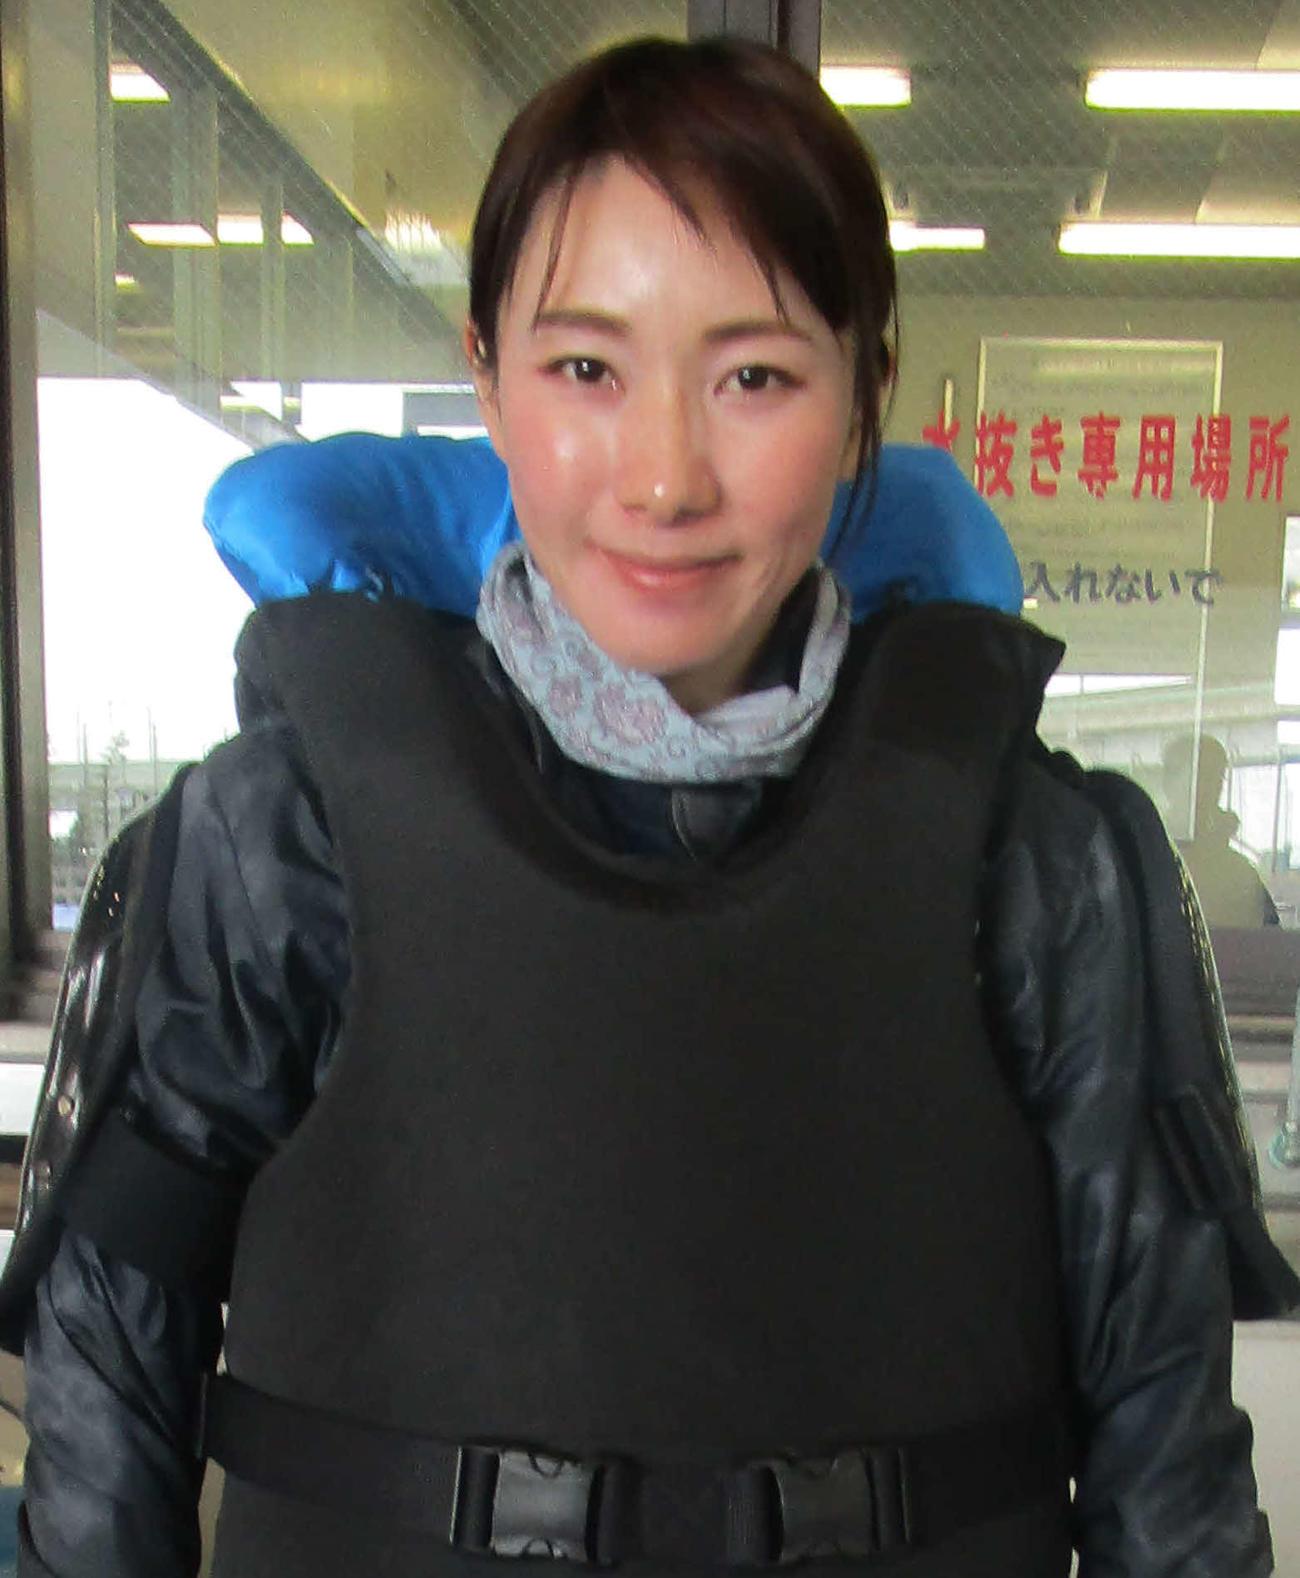 準優11R、2枠の魚谷香織が機力を安定させて優出を狙う